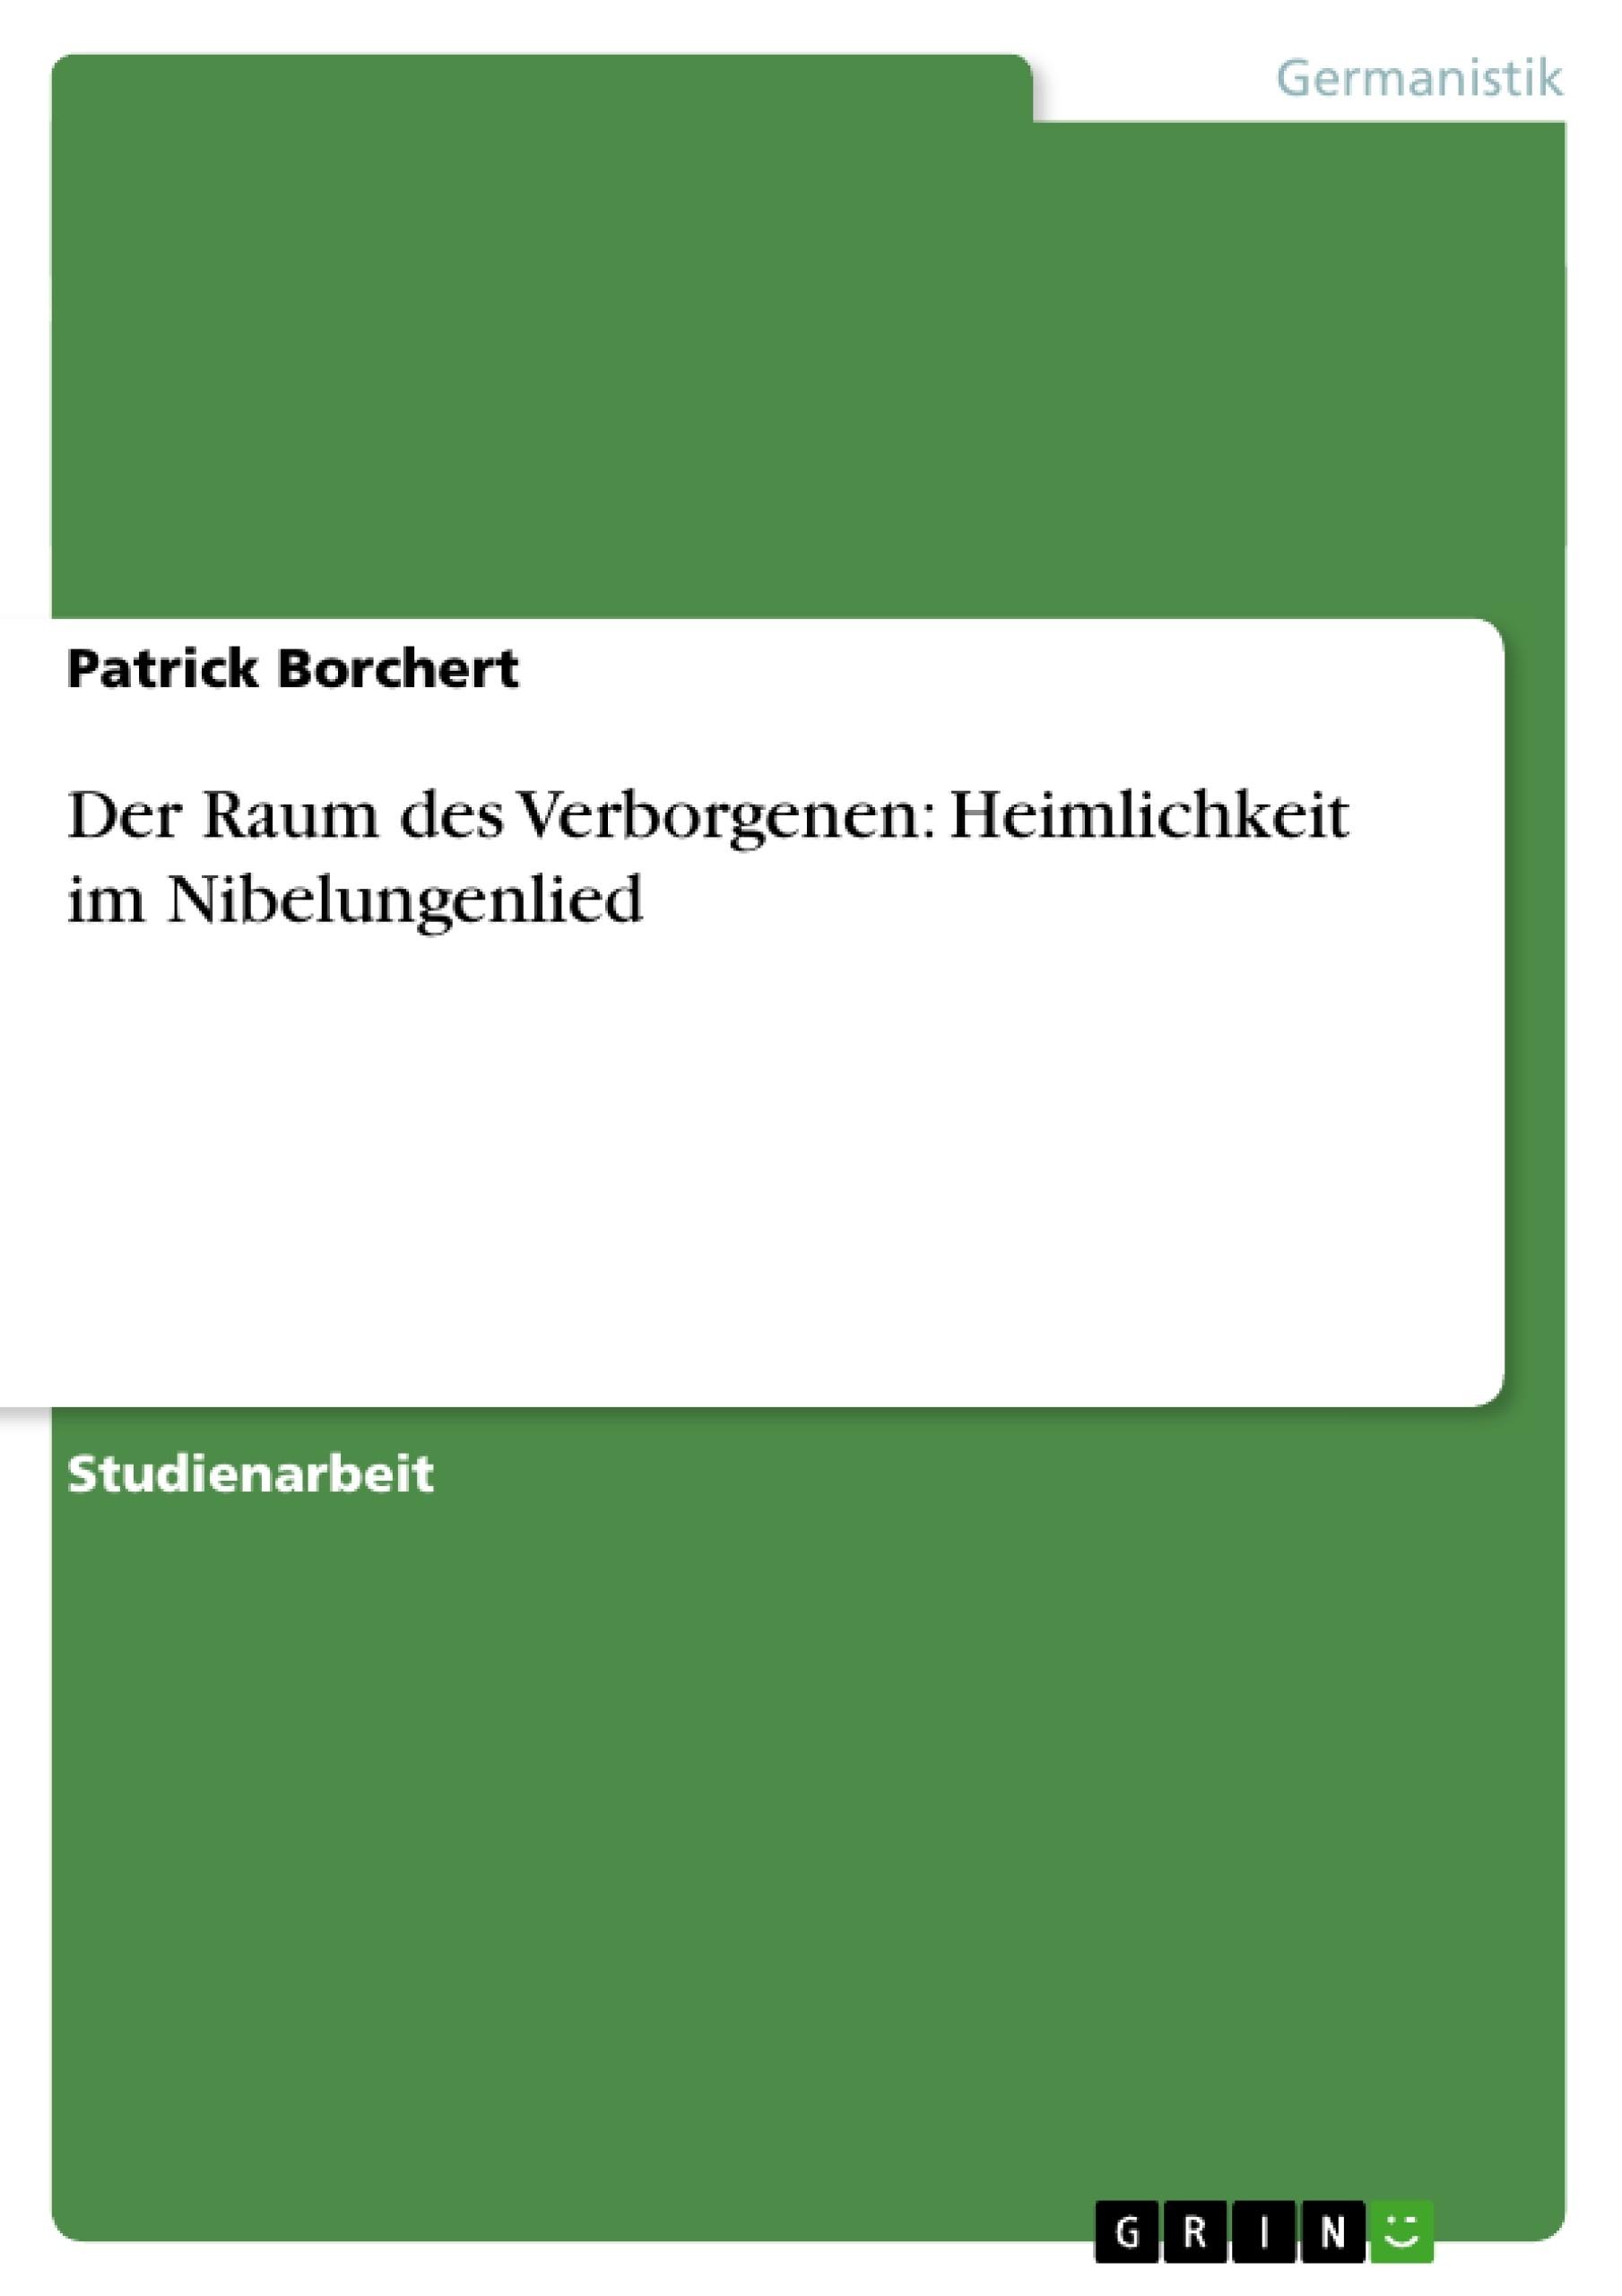 Titel: Der Raum des Verborgenen: Heimlichkeit im Nibelungenlied